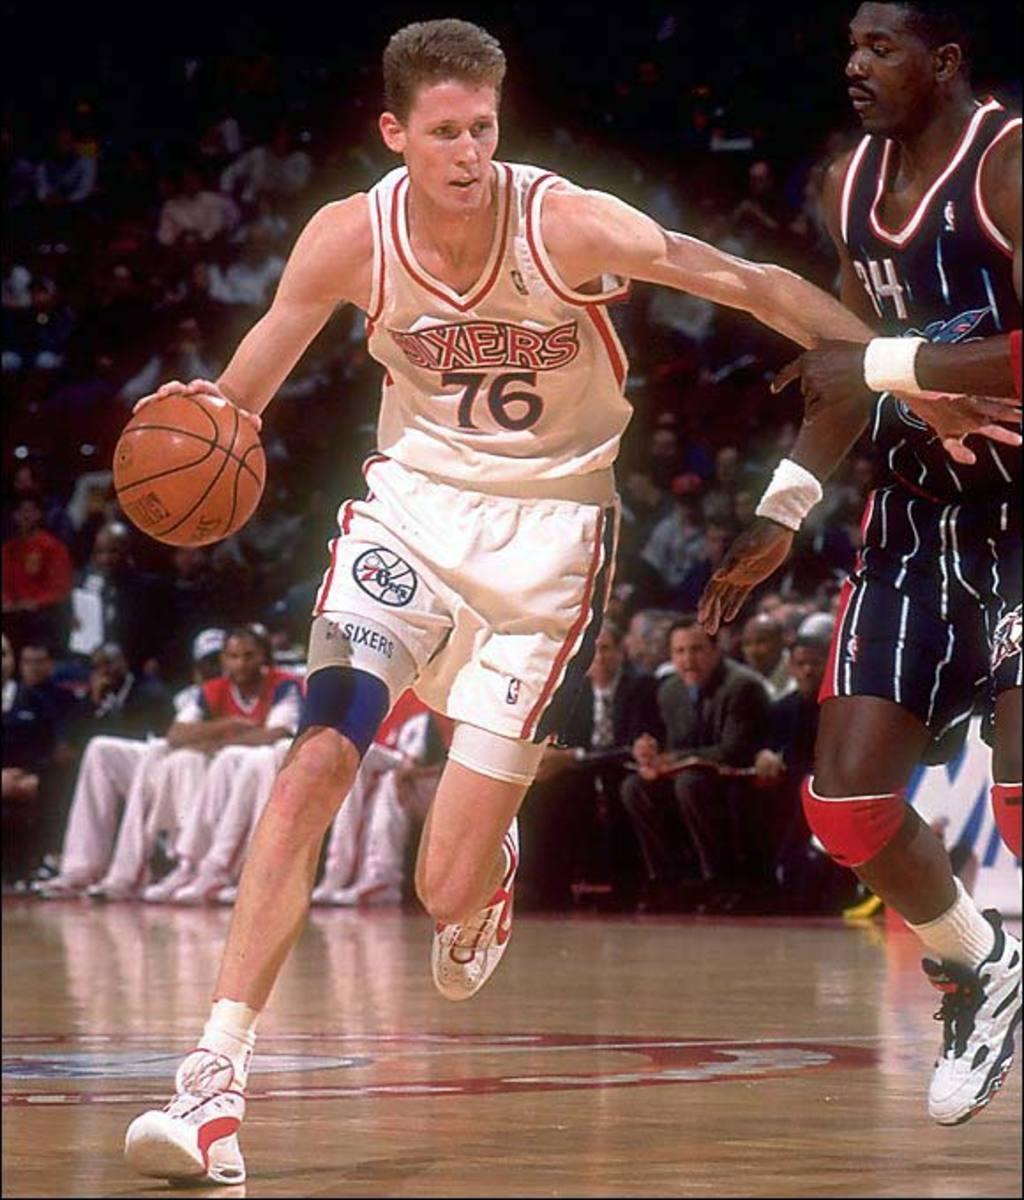 Shawn Bradley, 76ers